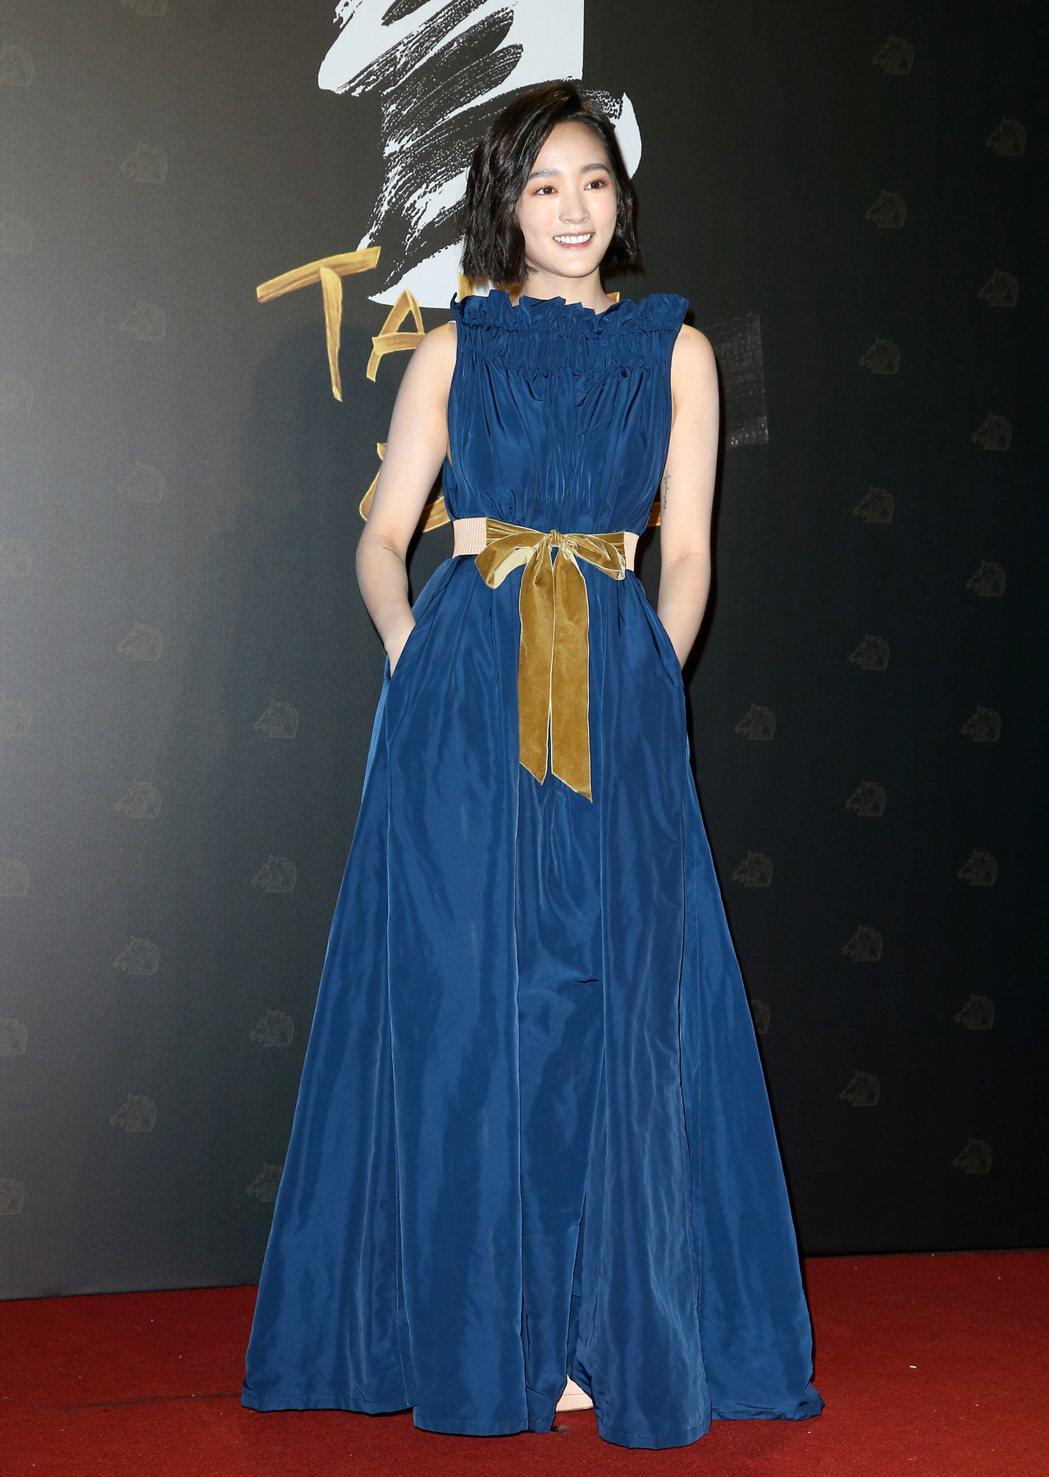 第57屆金馬頒獎典禮,王淨走星光大道。記者陳立凱/攝影